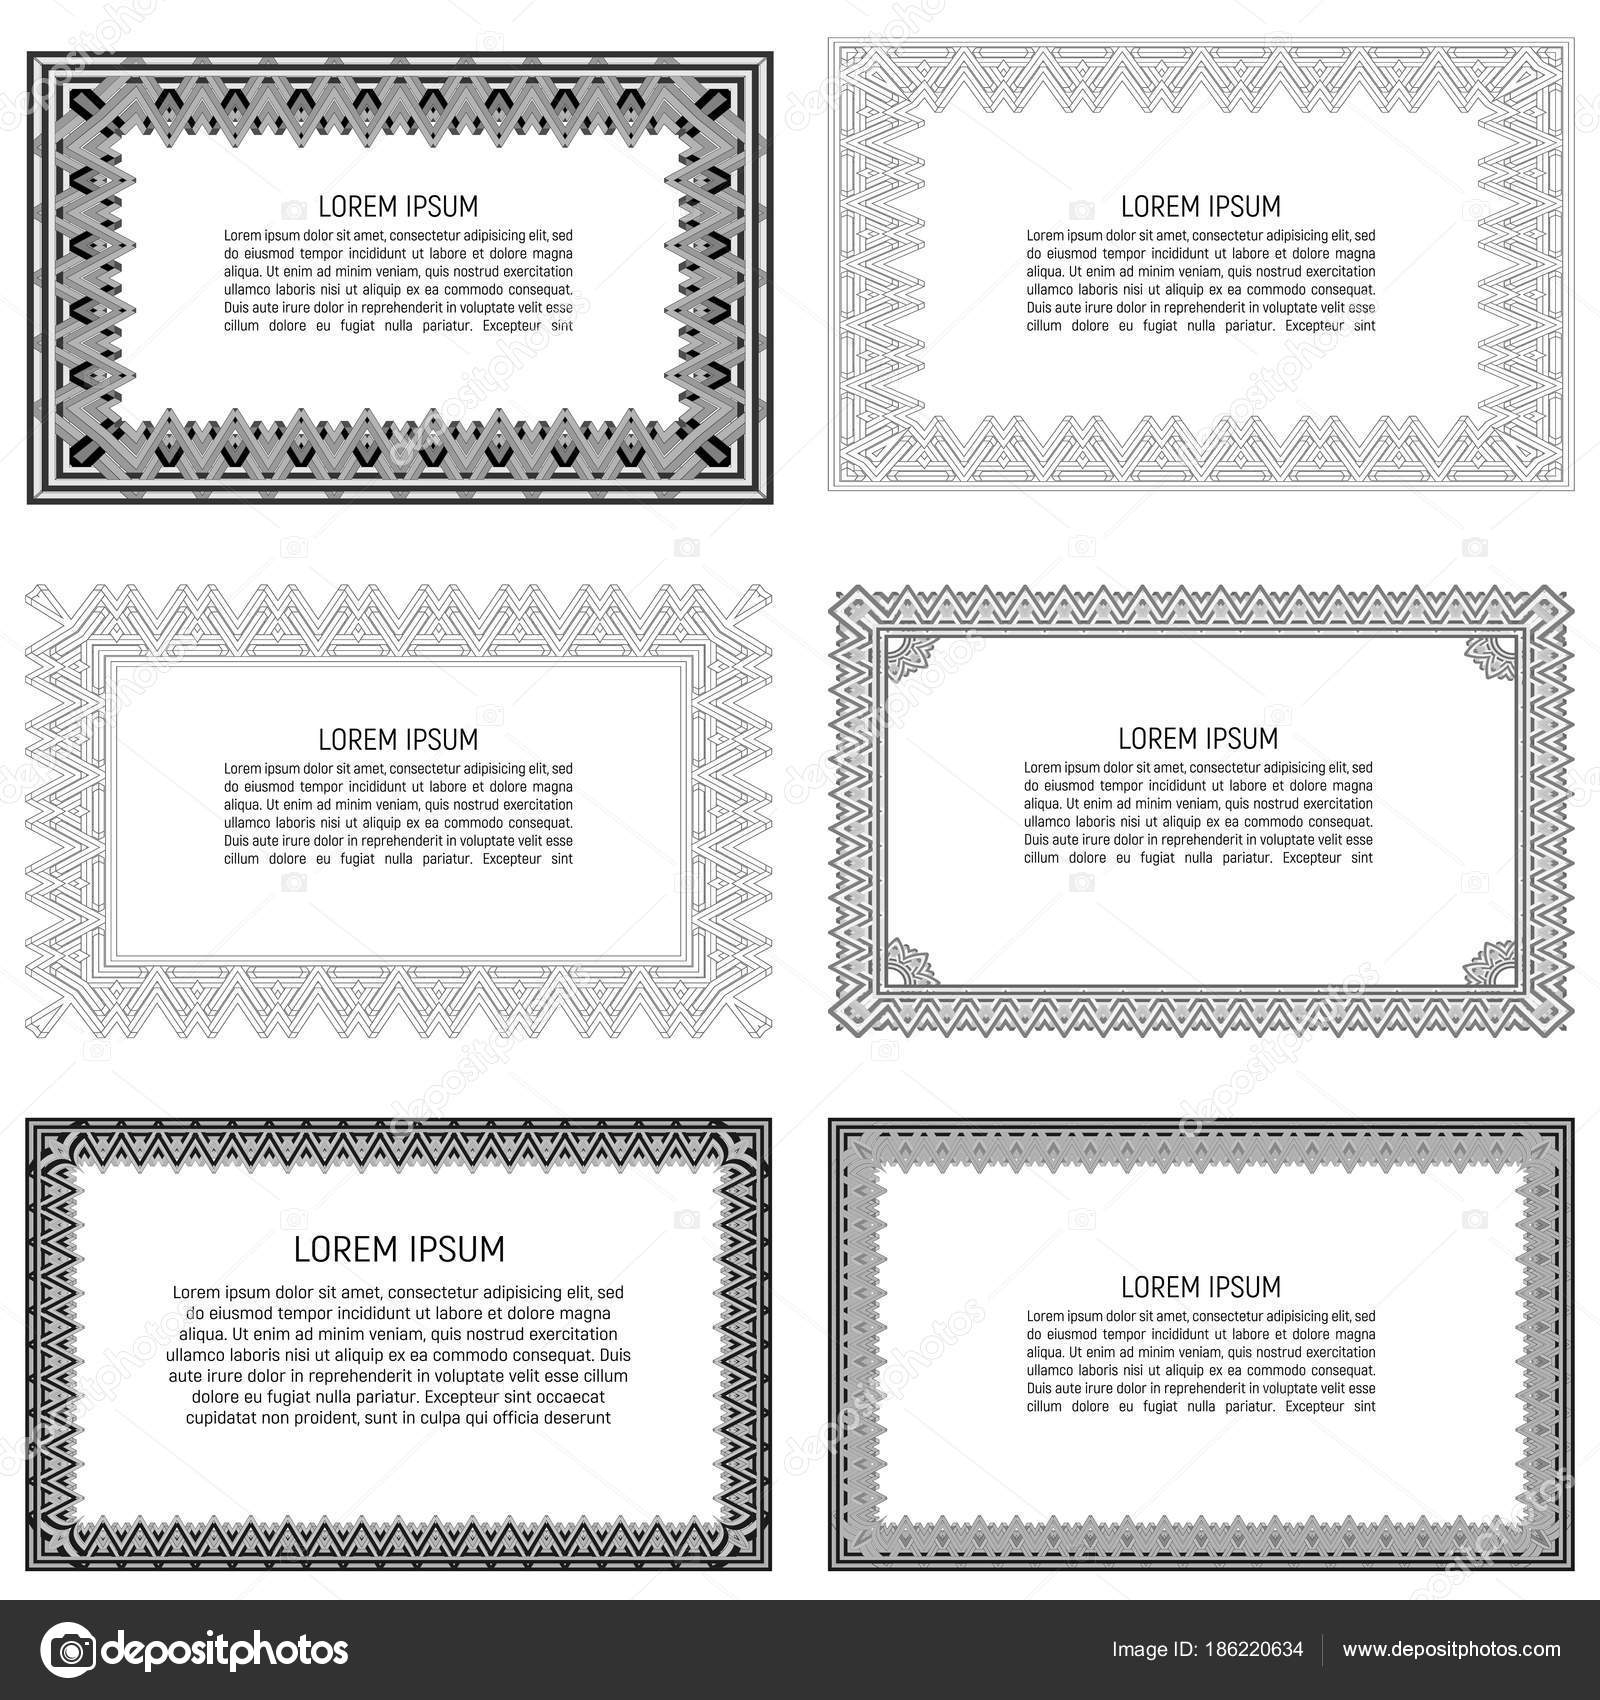 Ausgezeichnet Seiten Zertifikatvorlage Ideen - Entry Level Resume ...